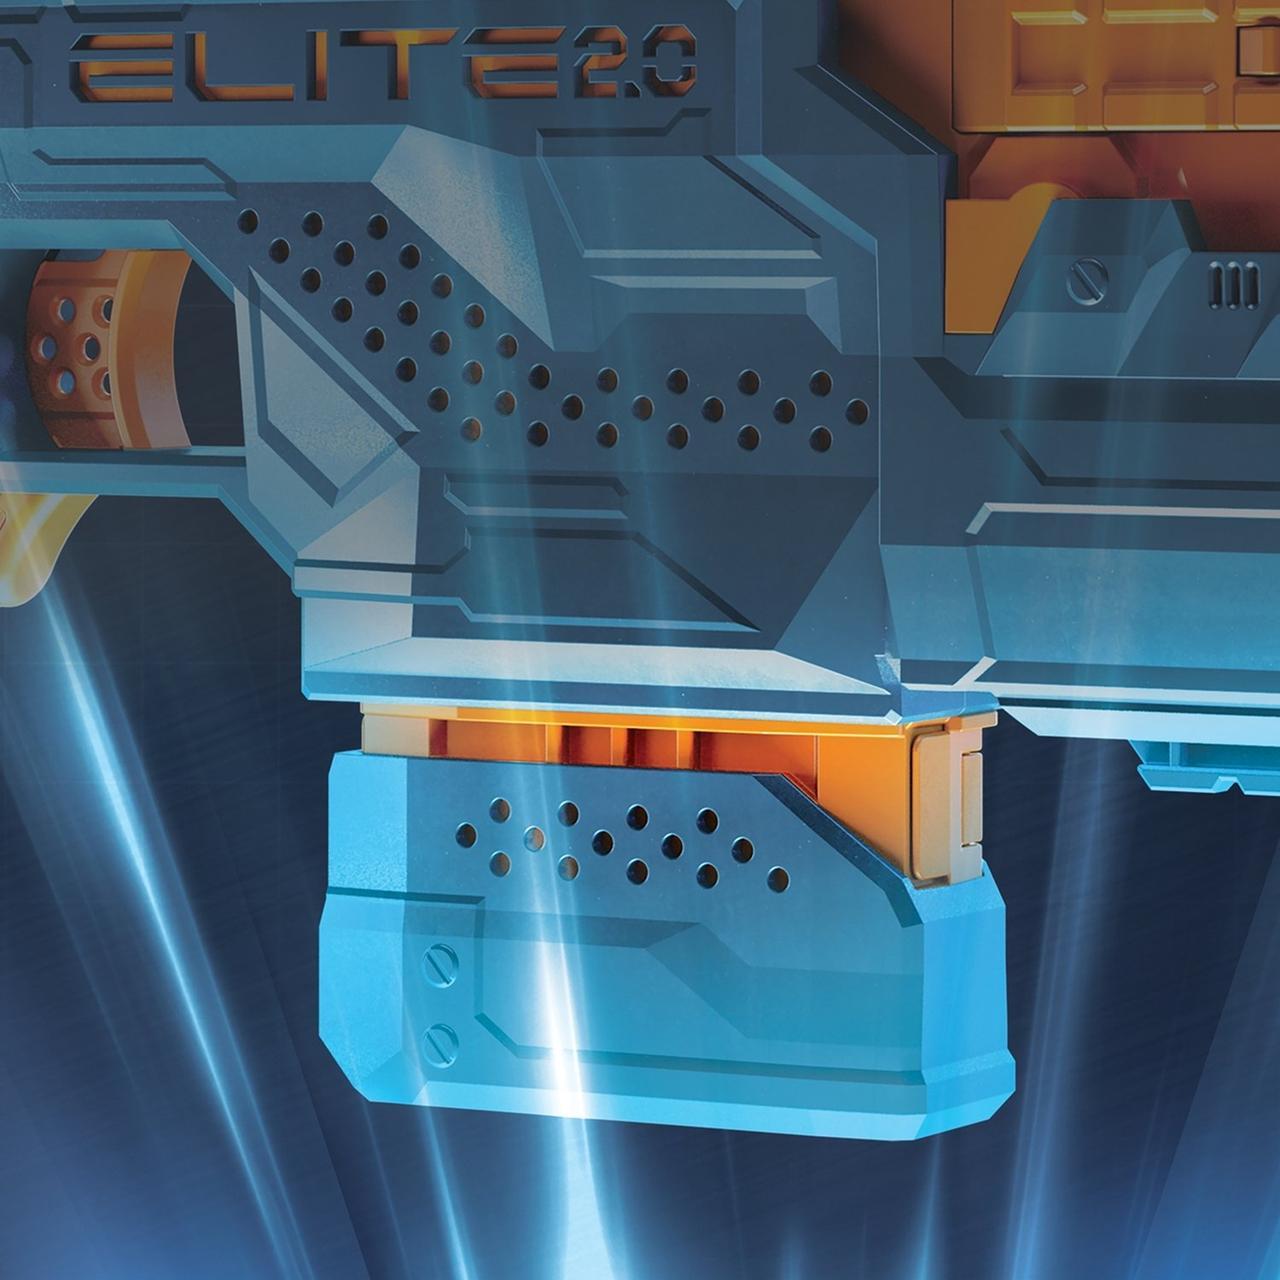 Nerf Hasbro Бластер Elite 2.0 Phoenix, Нёрф - фото 6